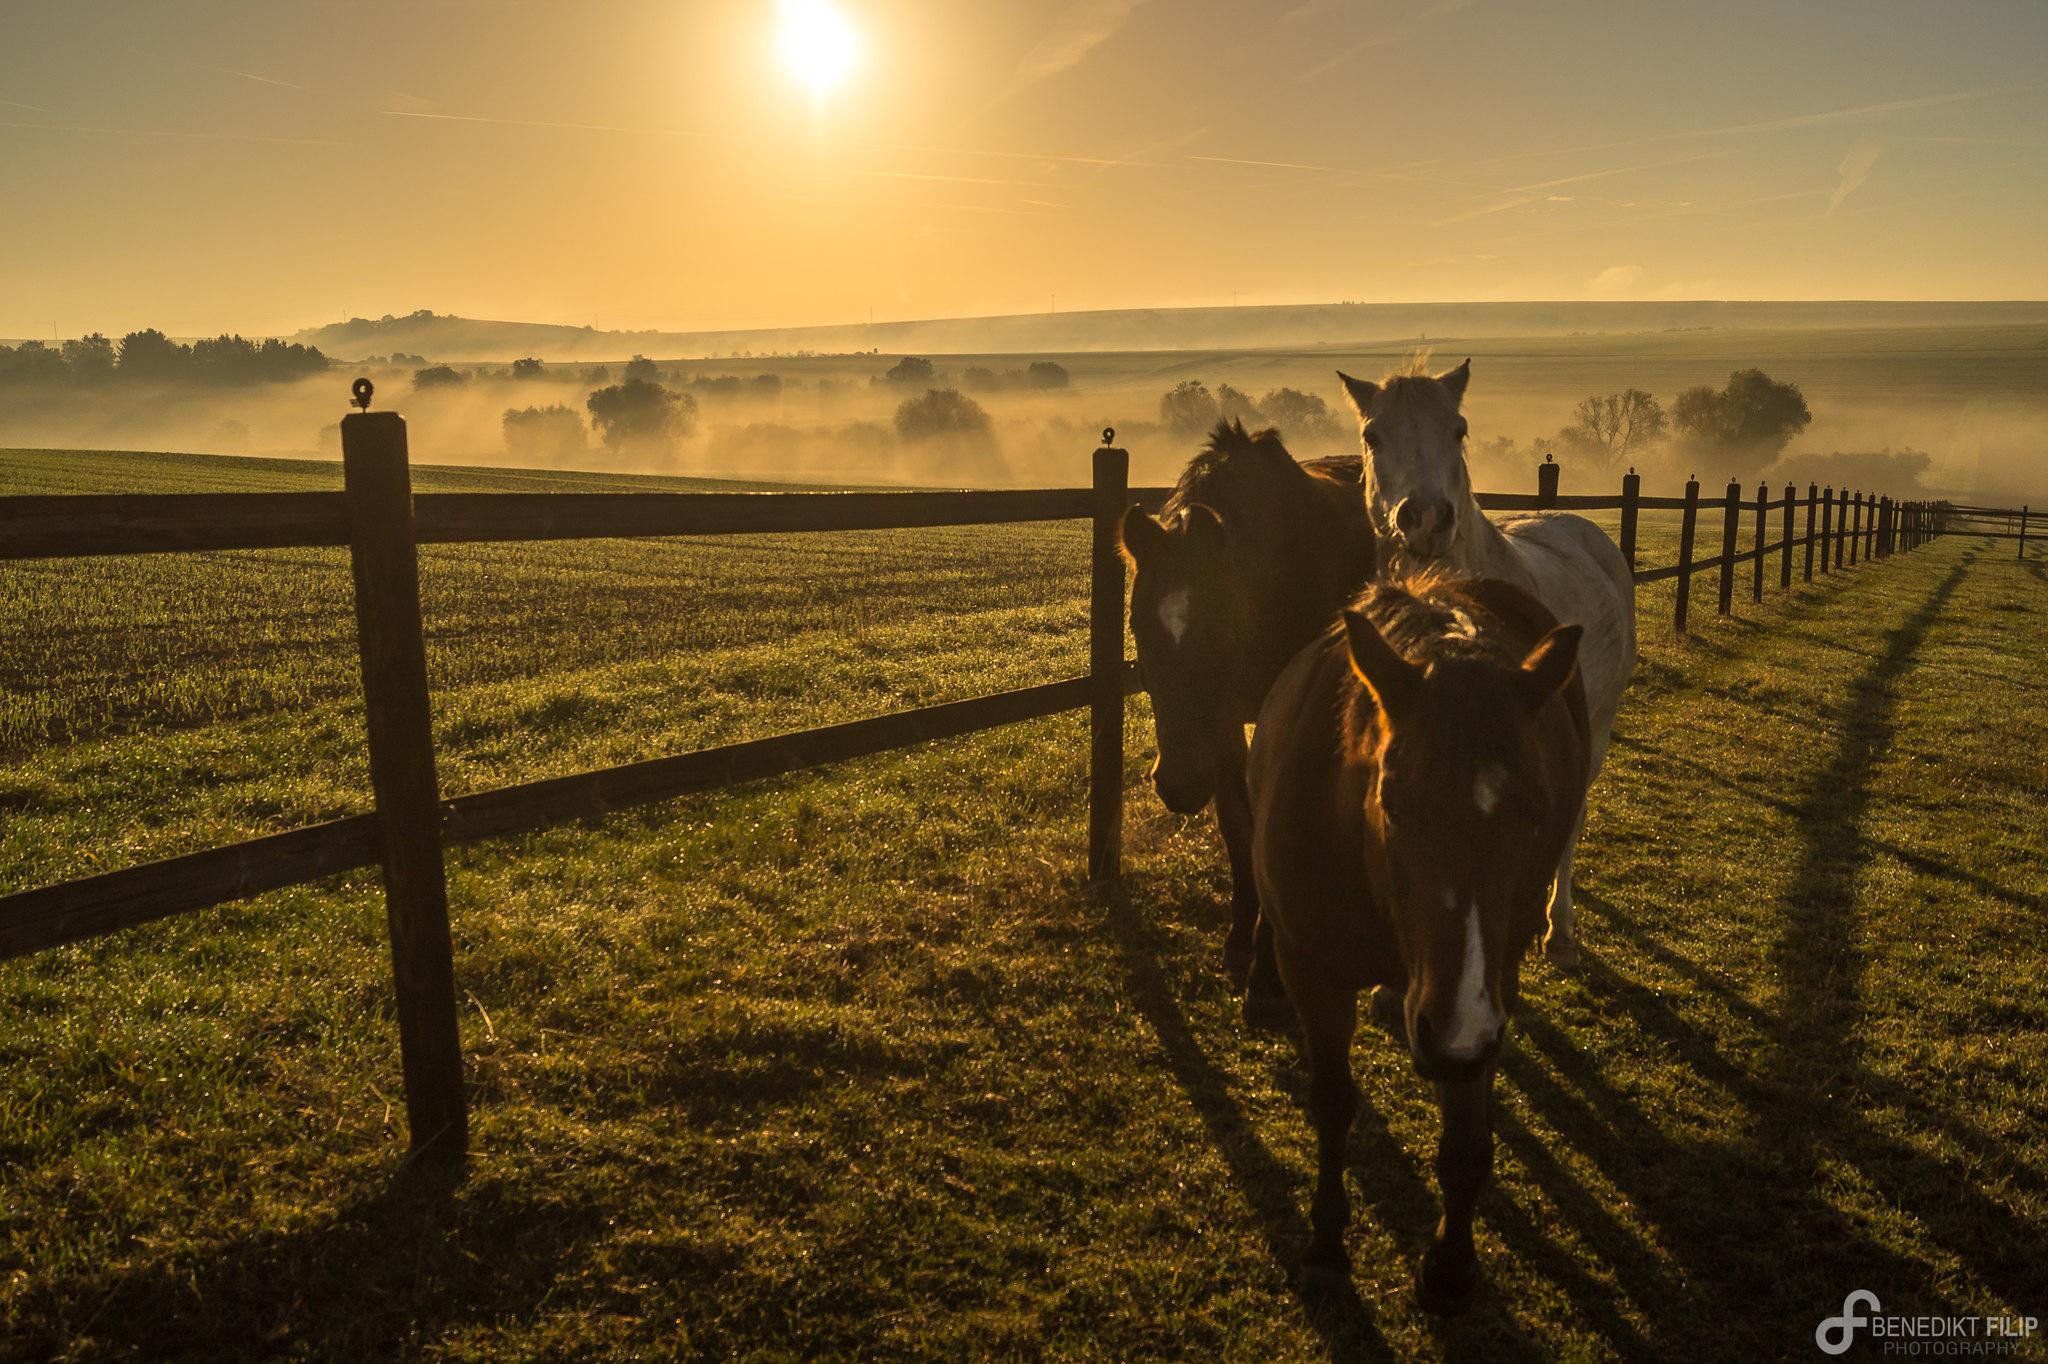 Fog at sunrise in autumn